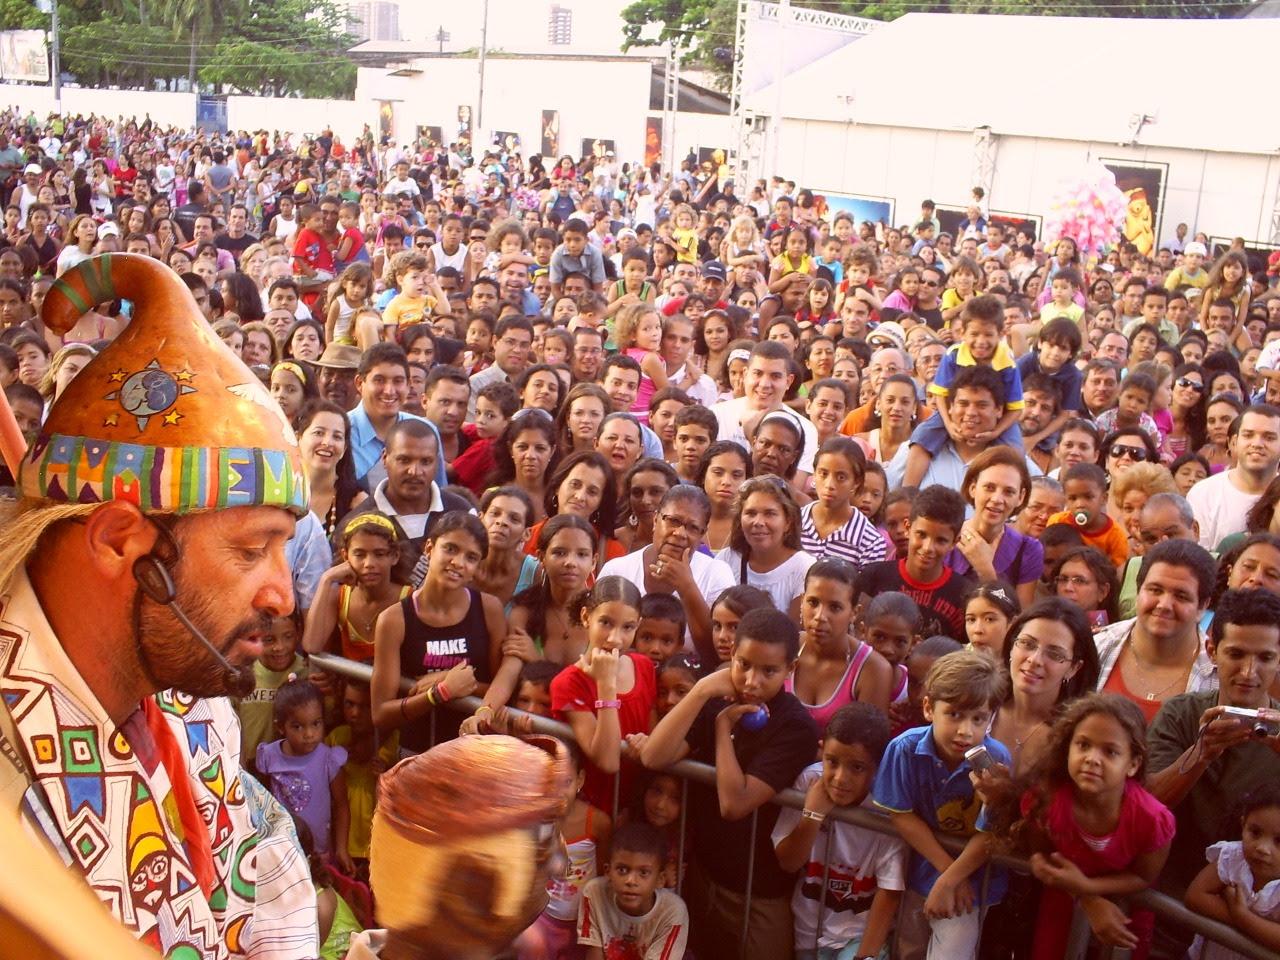 chico simões em frente a uma plateia encantada